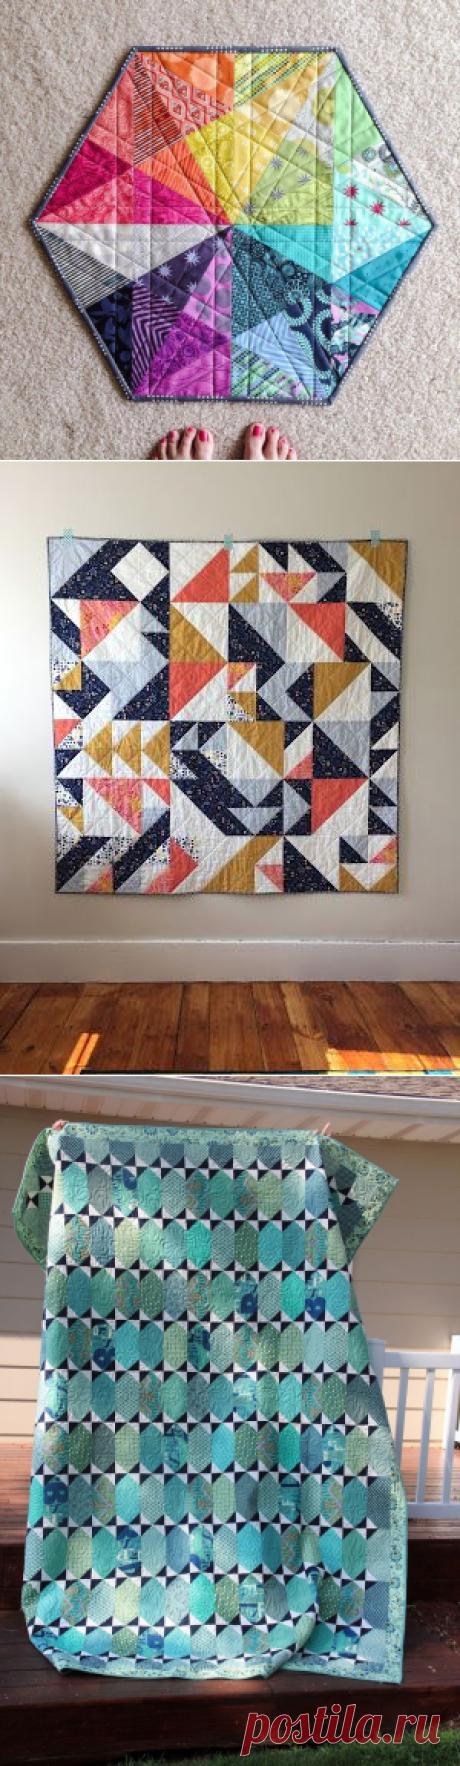 1000+ изображений на тему «quilts and blocks в Pinterest»   Летящие гуси, Одеяло-медальон и Квилт